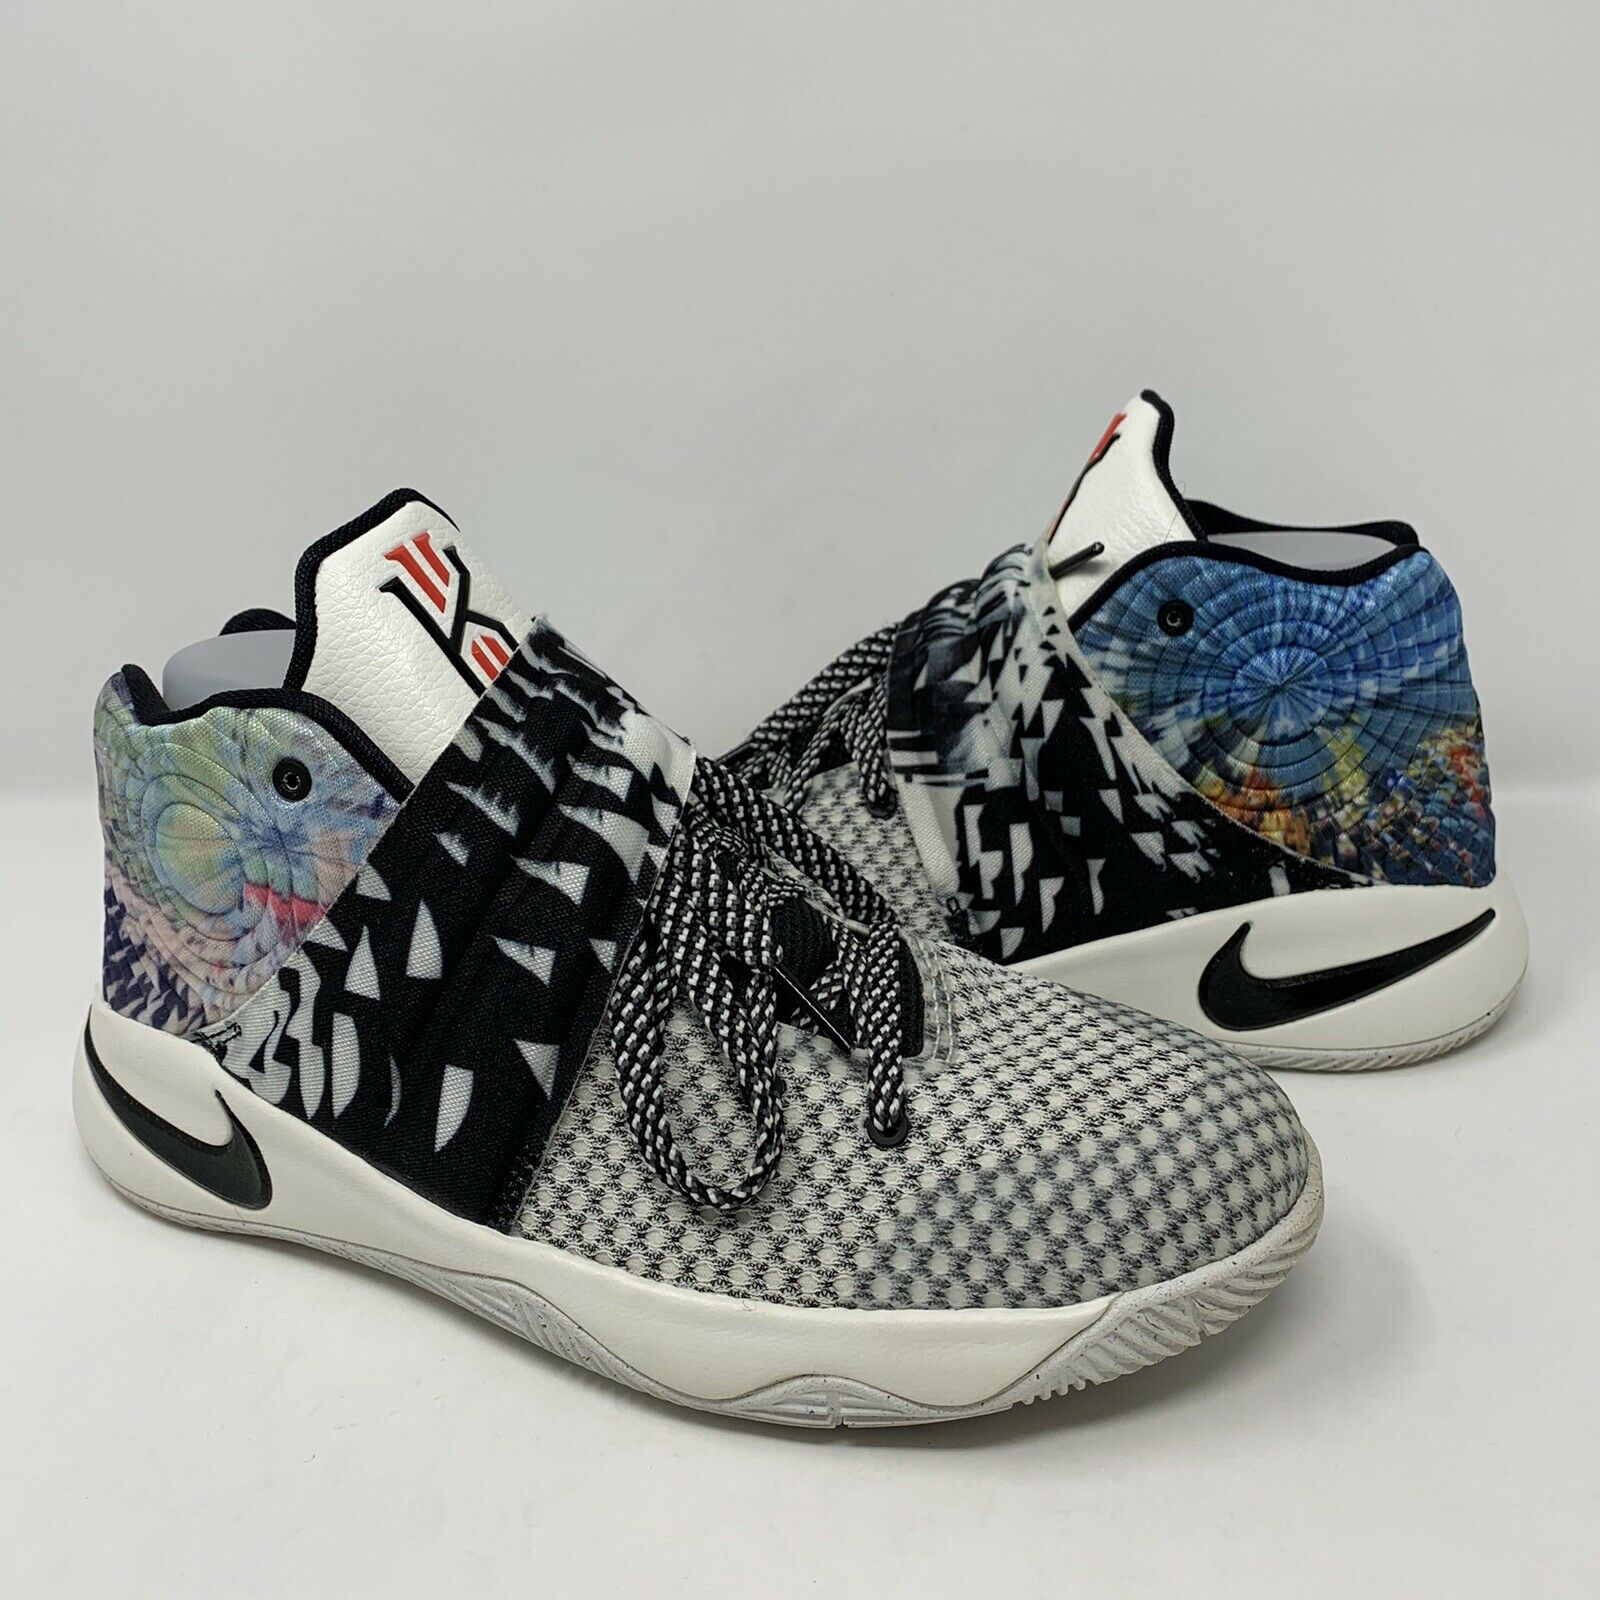 Panadería Tratar episodio  Nike Kyrie 2 GS The Effect Multi Color Black 826673-901 Sz 5.5y for sale  online | eBay